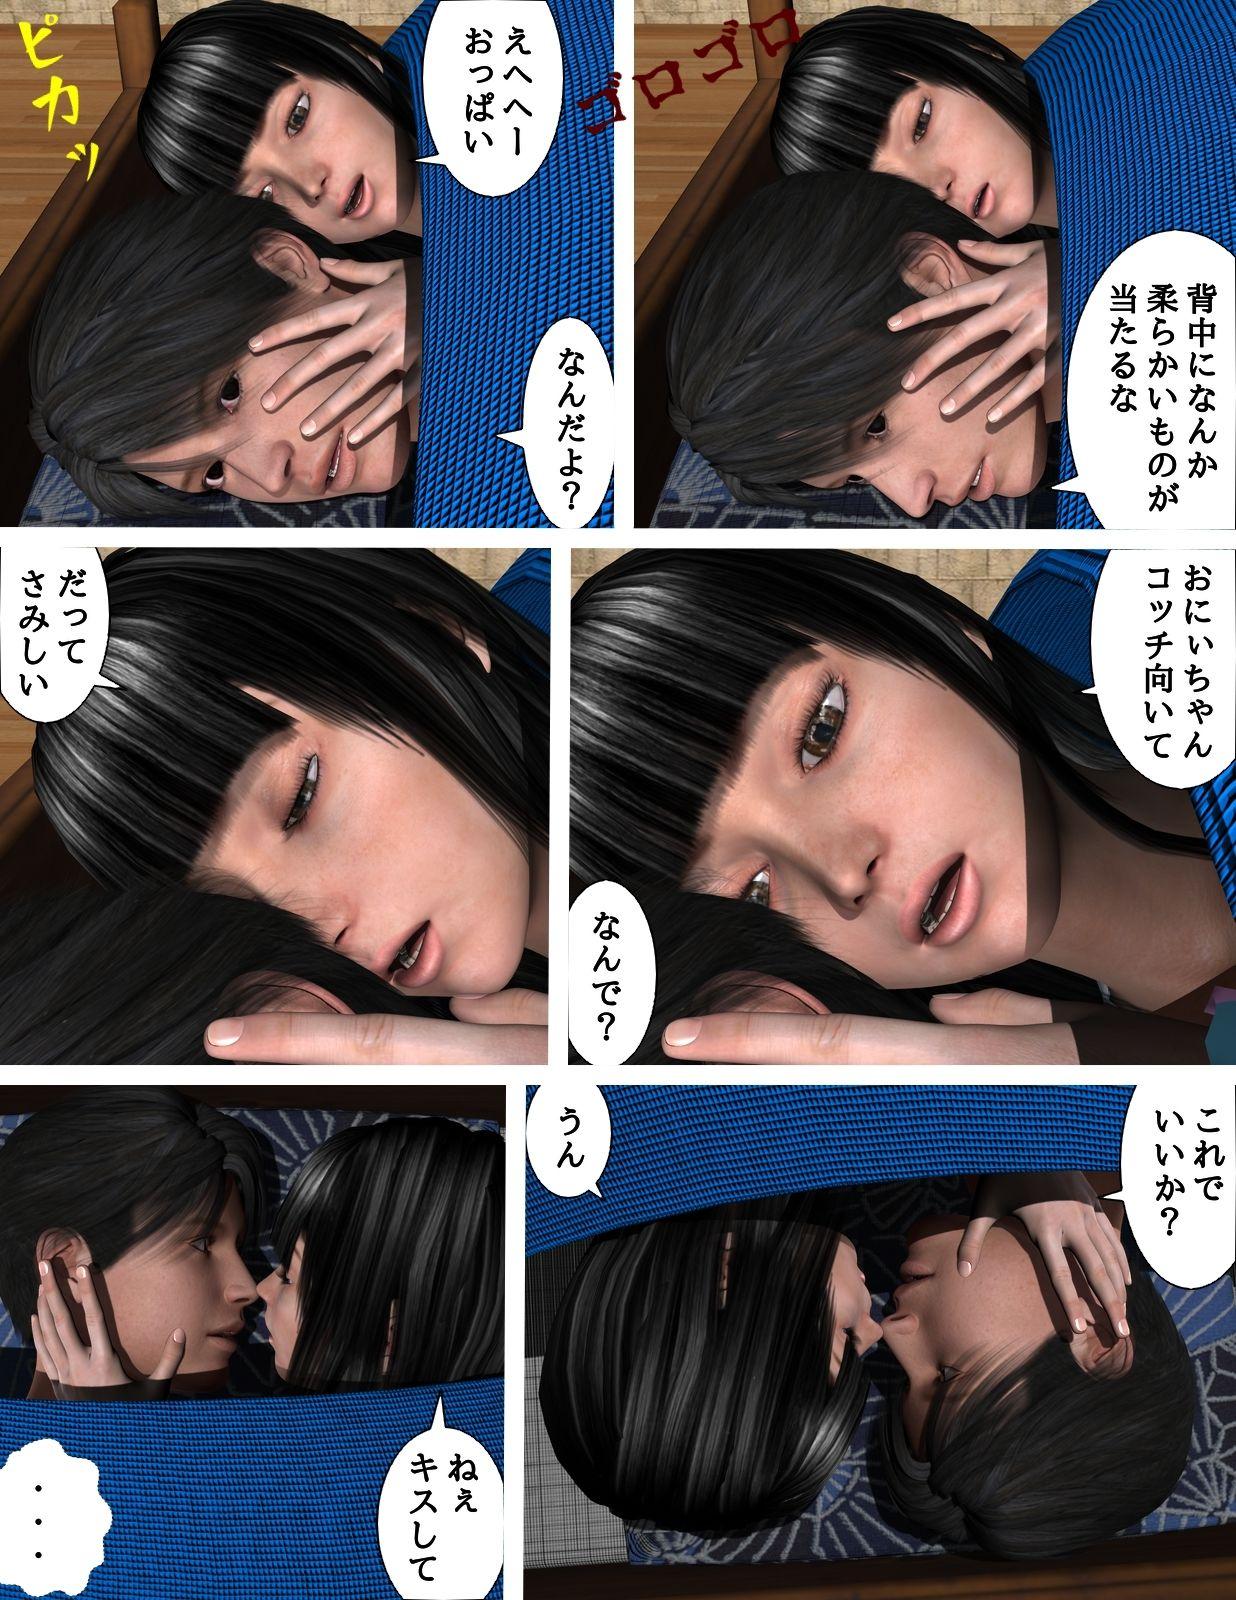 おにぃちゃんと・・・のサンプル画像8